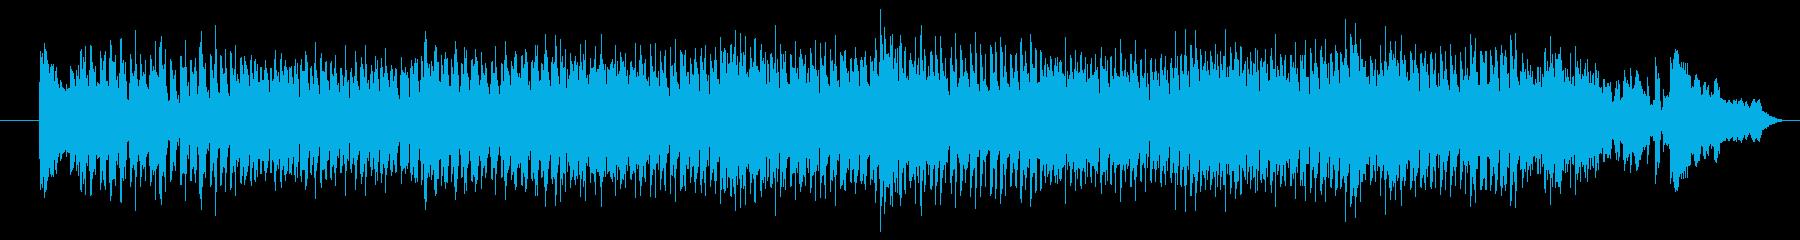 にぎやかでおしゃれなメロディーの再生済みの波形